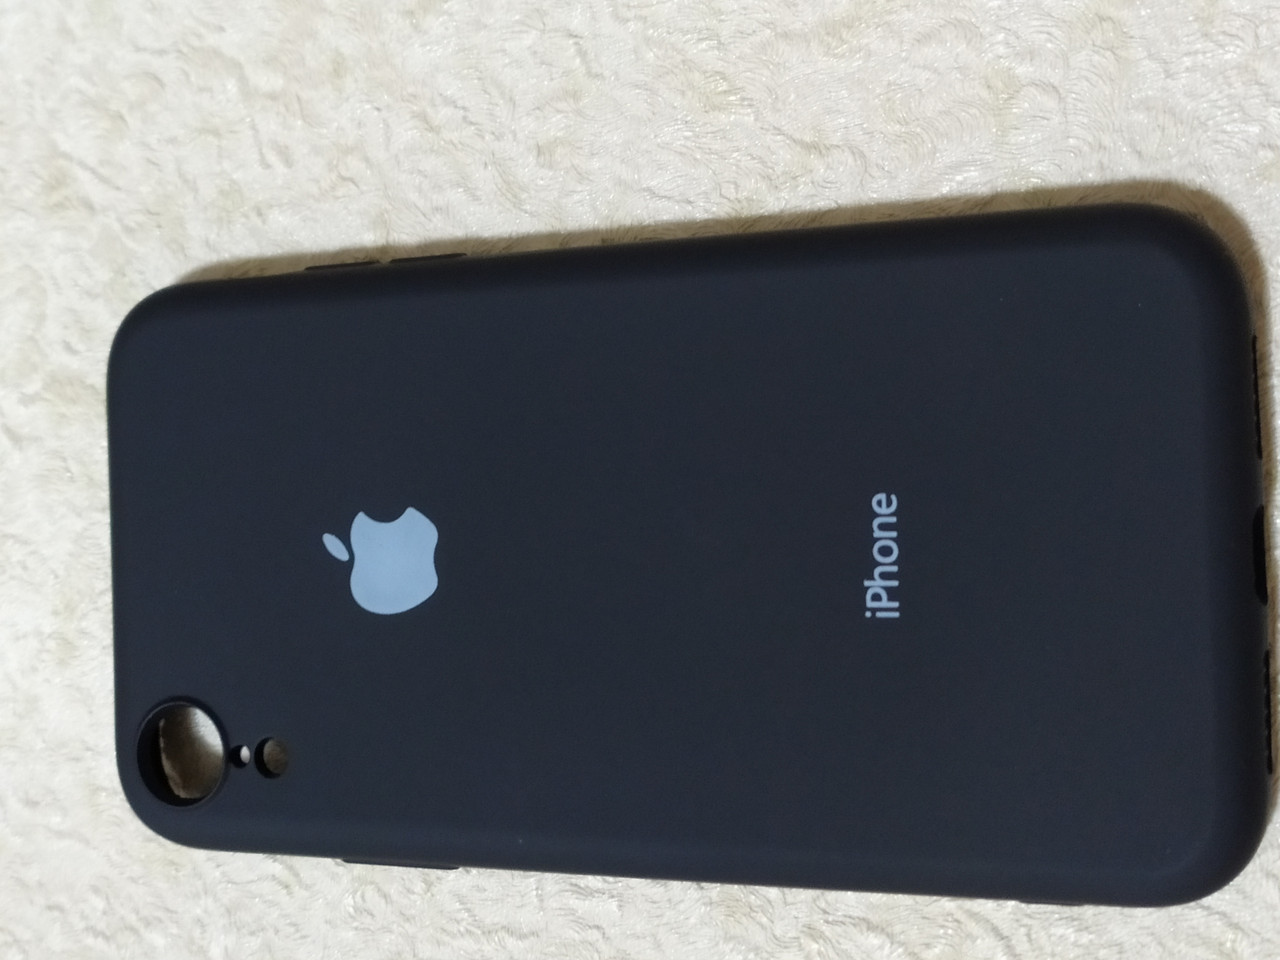 Накладка   Silicon Cover full   для  iPhone XR 6.1   (черный)